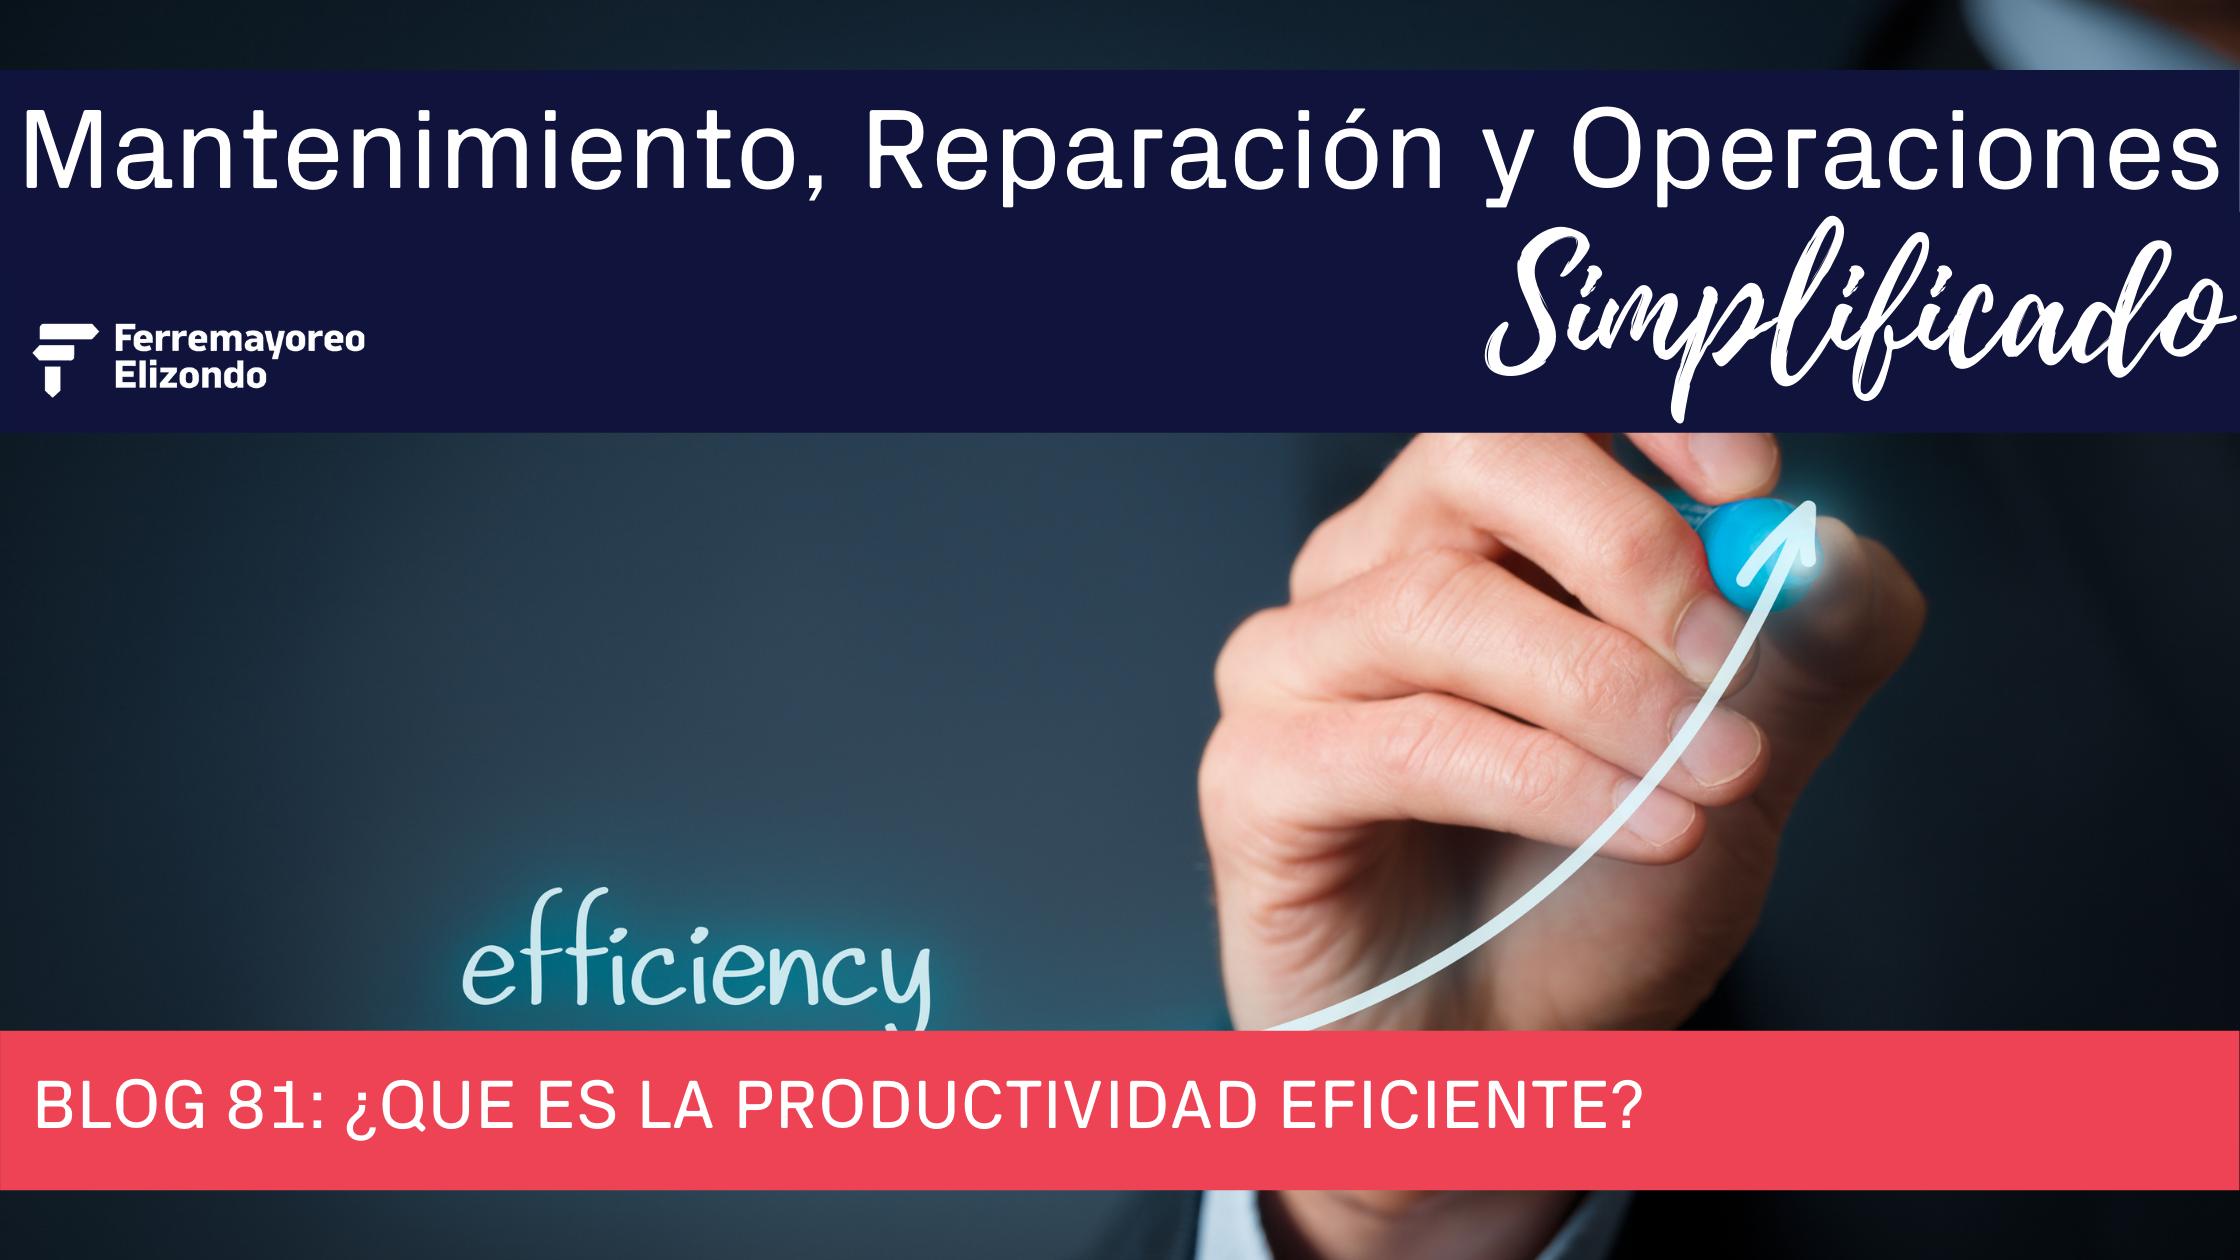 MRO Simplificado: ¿Qué es la productividad eficiente?